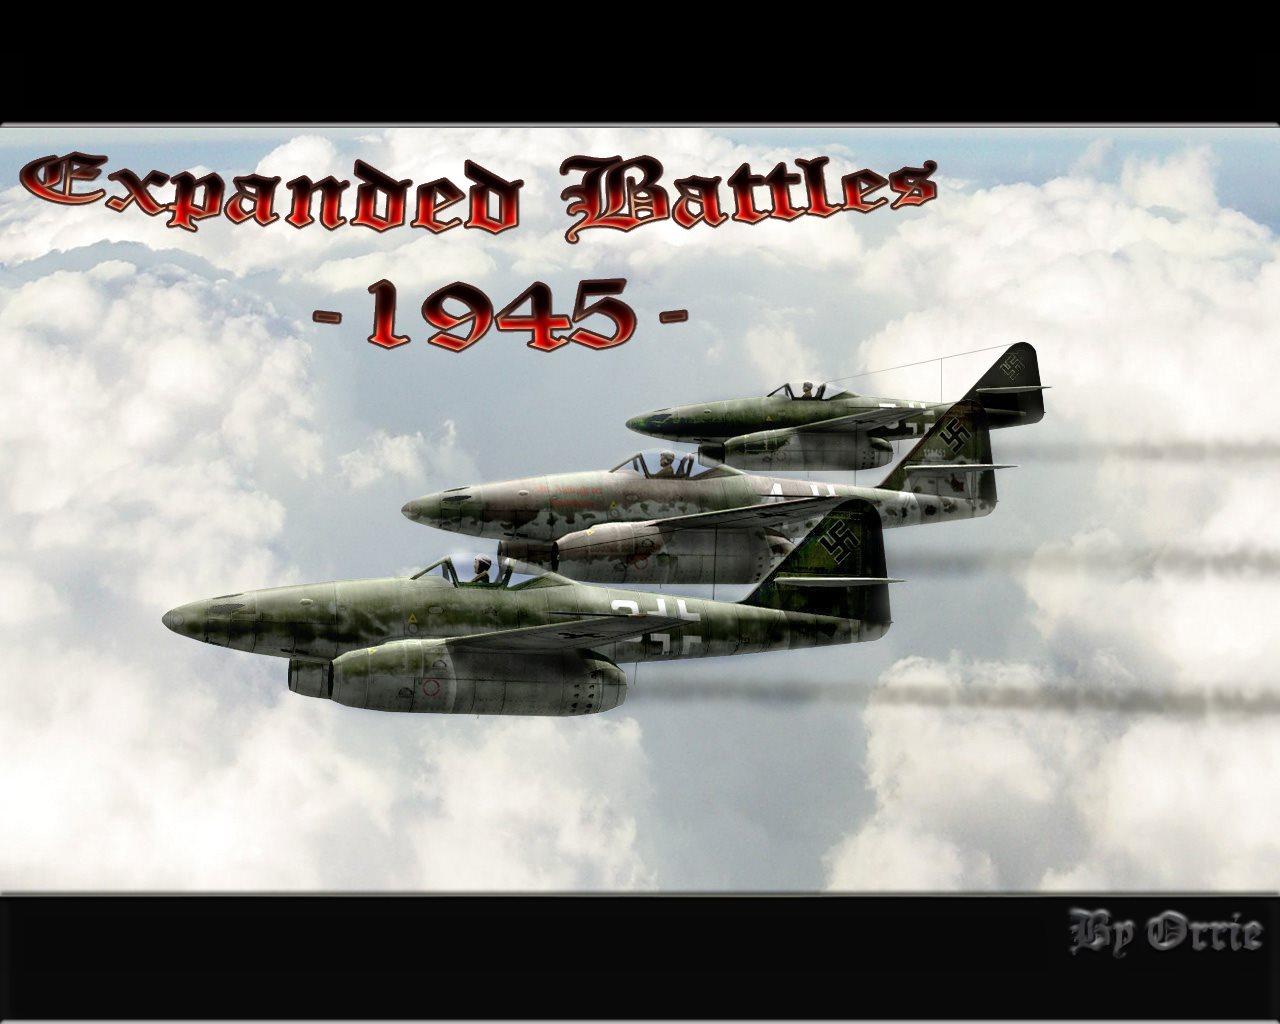 Скачать Expanded Battles v1.0 — бесплатно